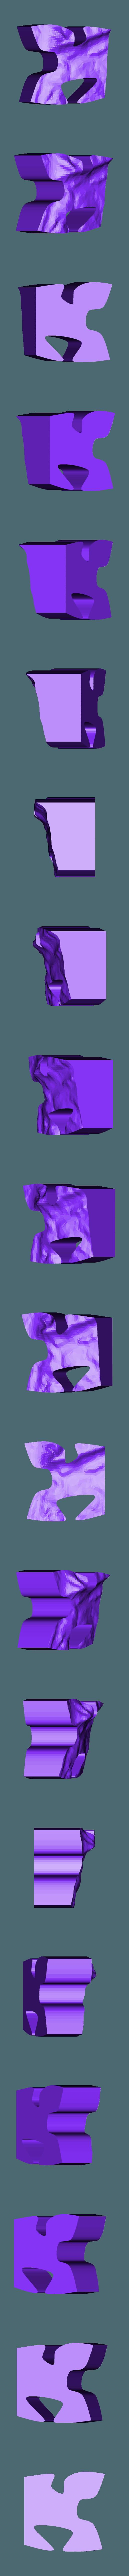 97.stl Télécharger fichier STL gratuit Echelle épique - Terrain - Zion NP • Objet à imprimer en 3D, TCP491016